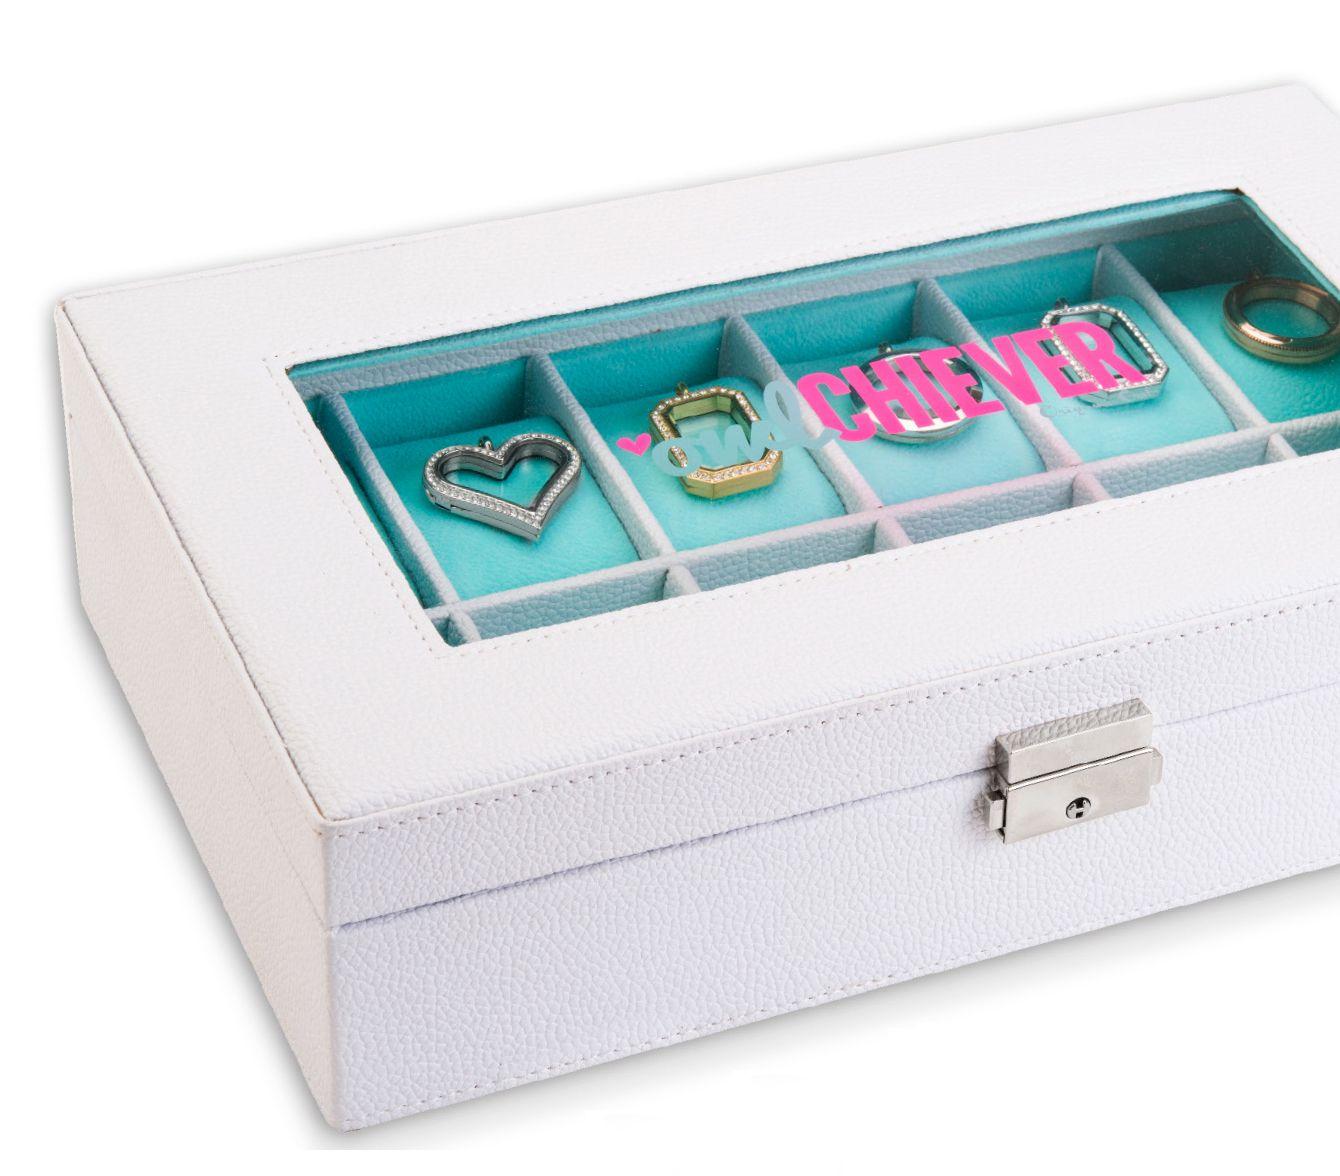 Origami Owl Jewelry Box | Jewełяƴ ⊱Storage⊰ SℙѦℜḰℒ ... - photo#5